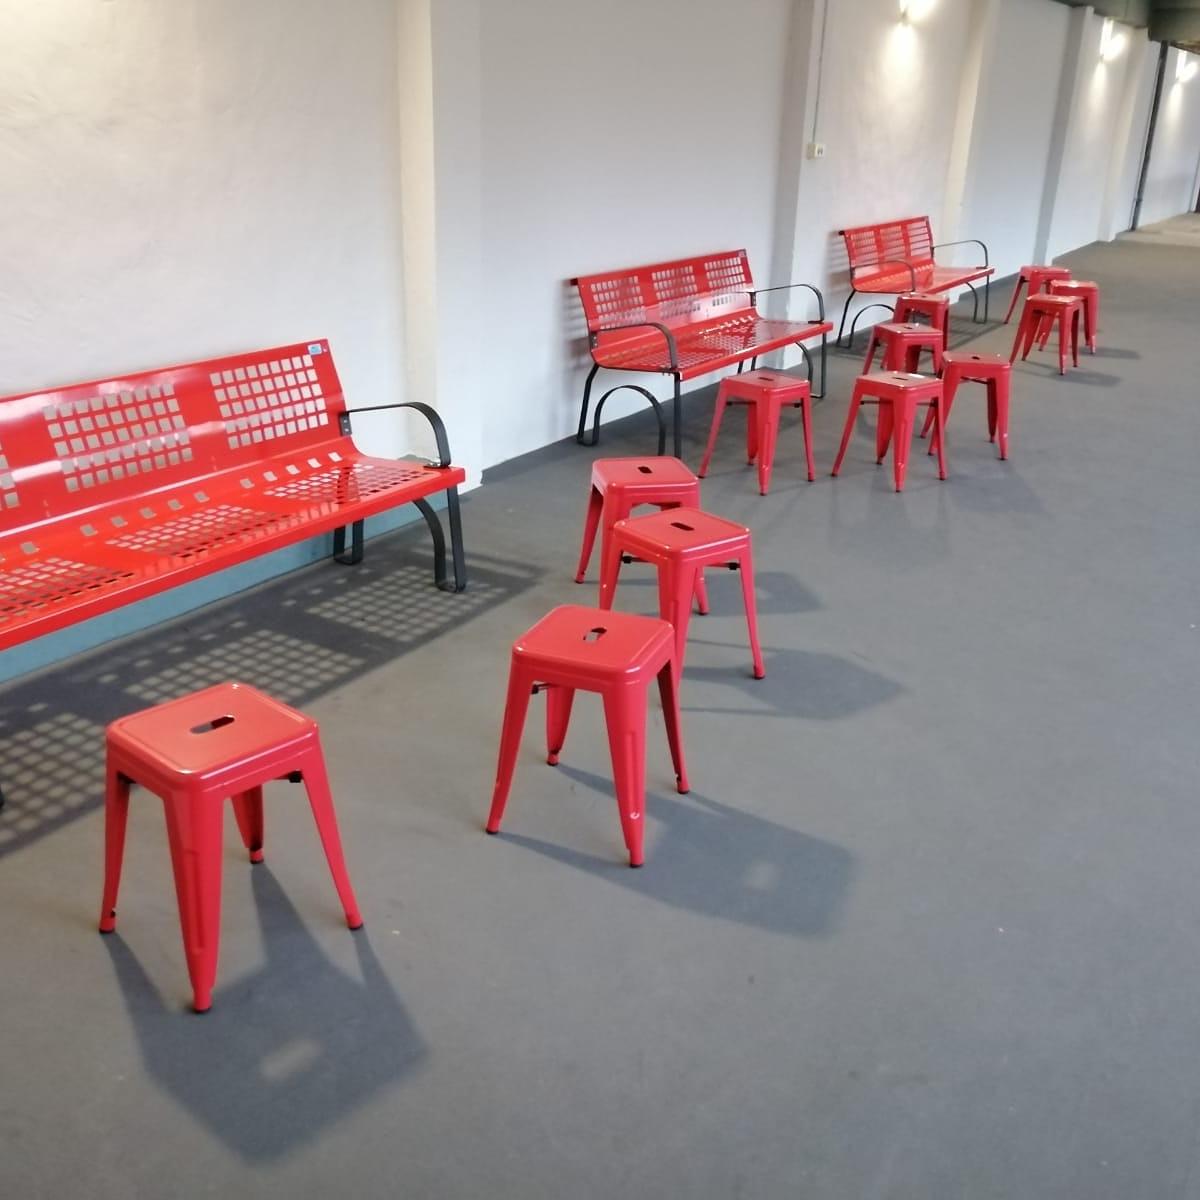 conjunto de bancos metalicos sergin color rojo instalados en zona comun